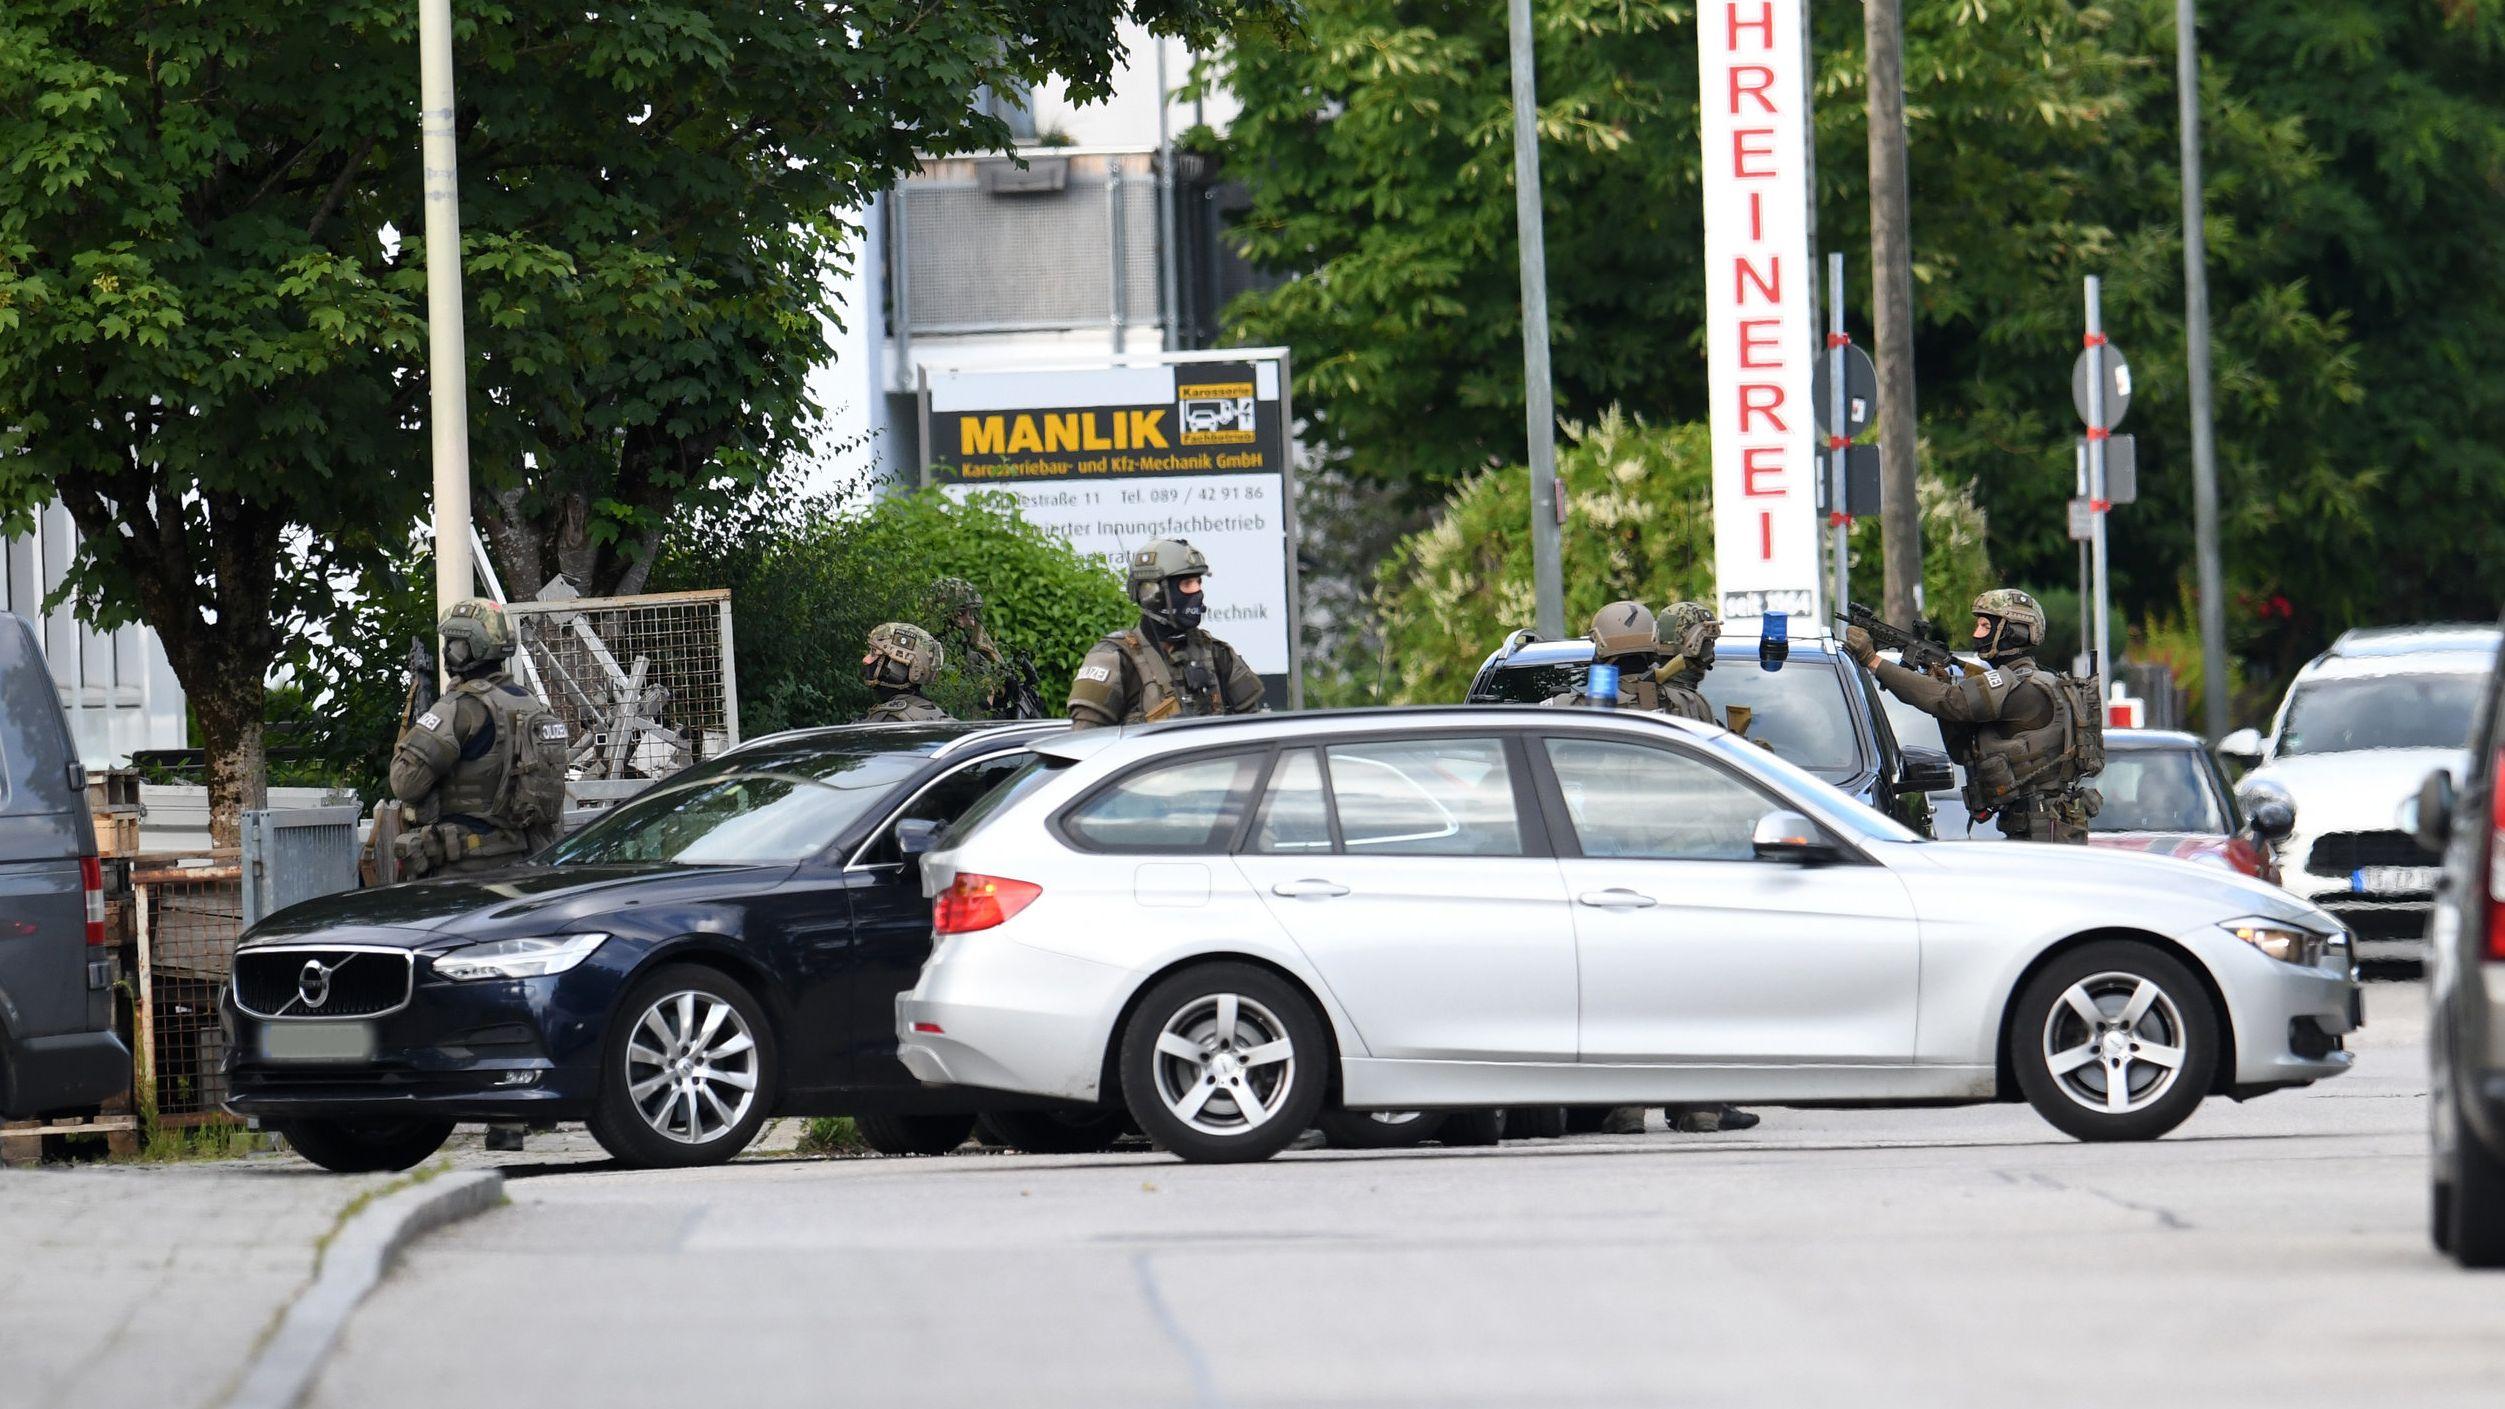 SEK-Einsatz in Aschheim: Die Polizei gibt Entwarnung.